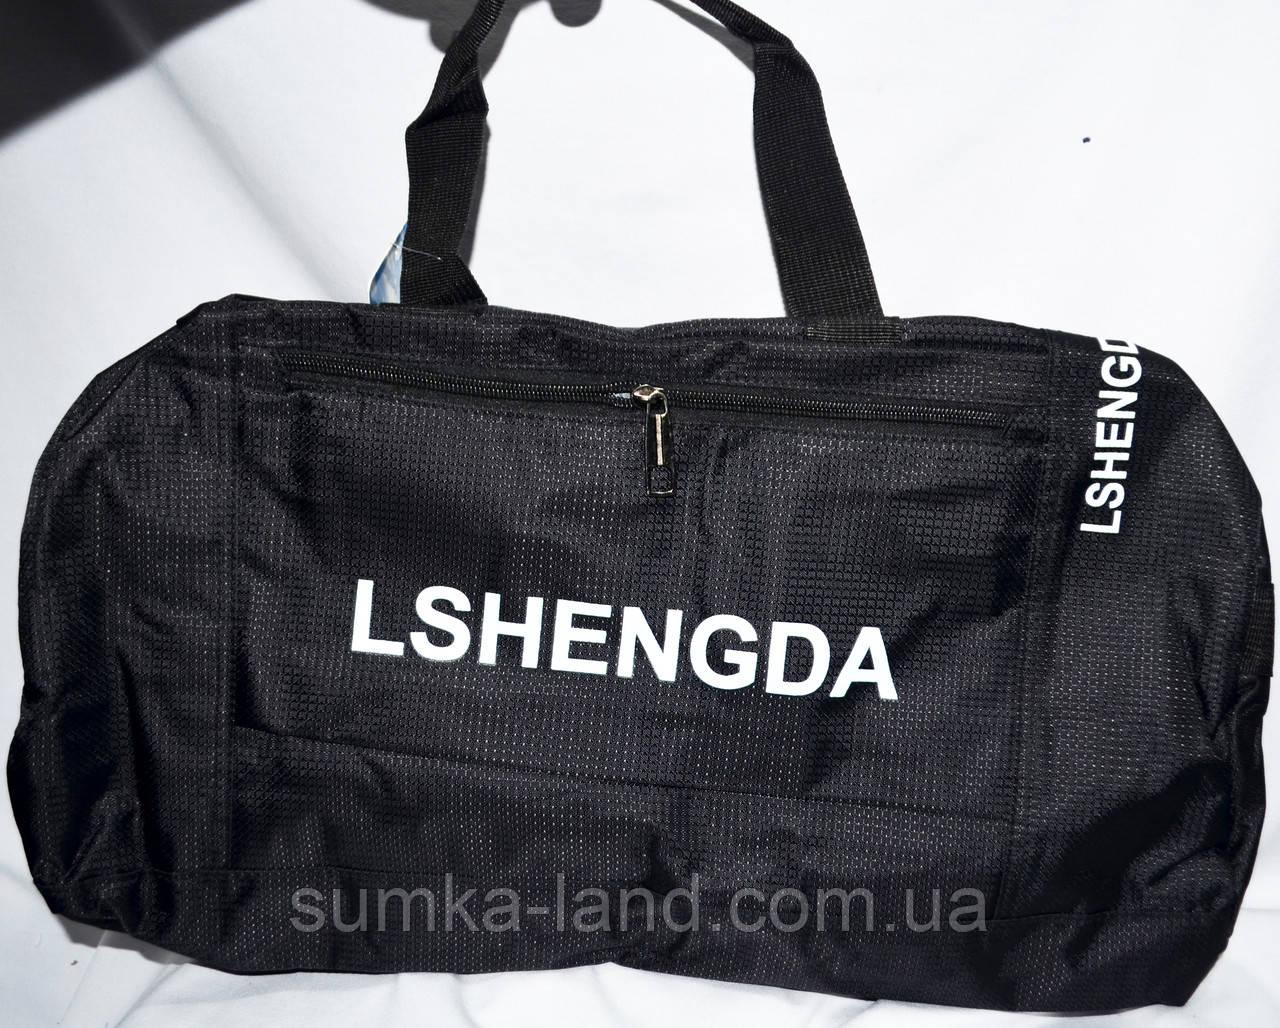 Дорожная и городская черная сумка 50*25 см